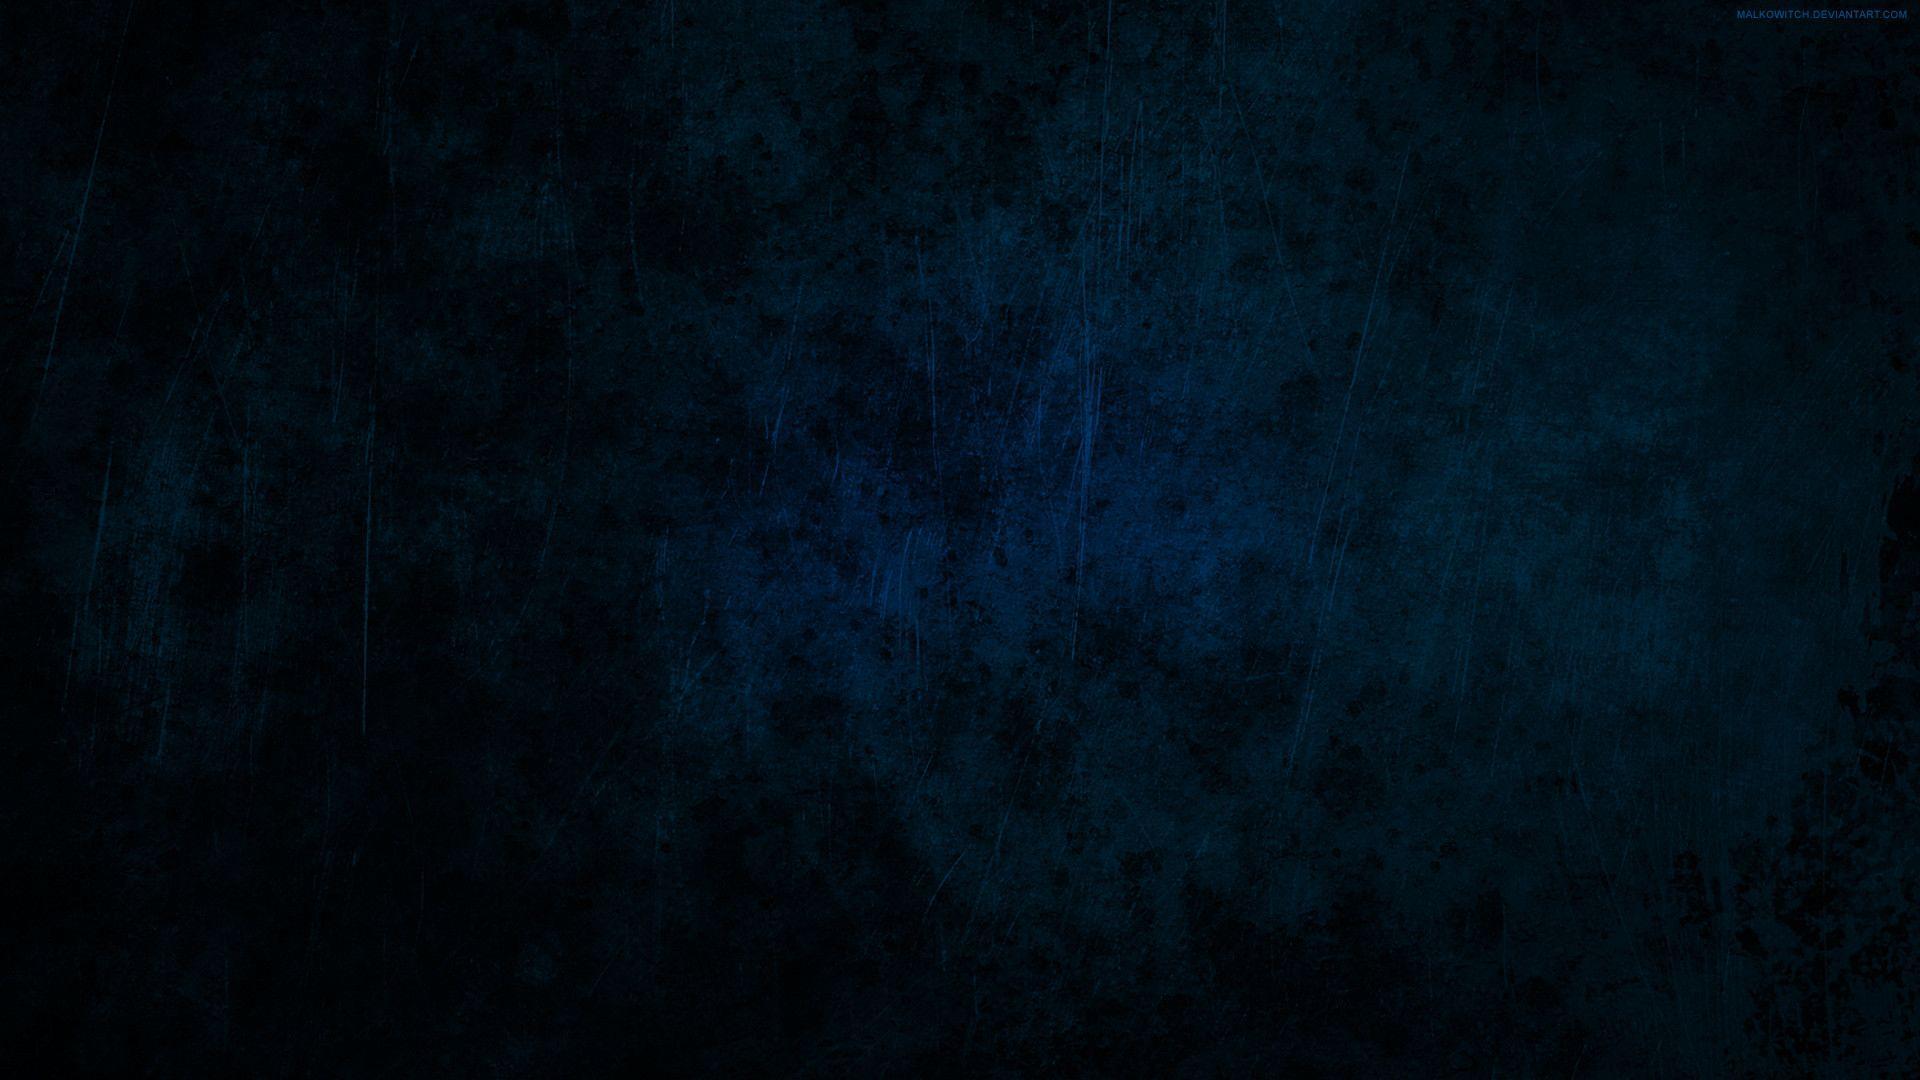 Aesthetic Dark Blue Wallpapers Top Free Aesthetic Dark